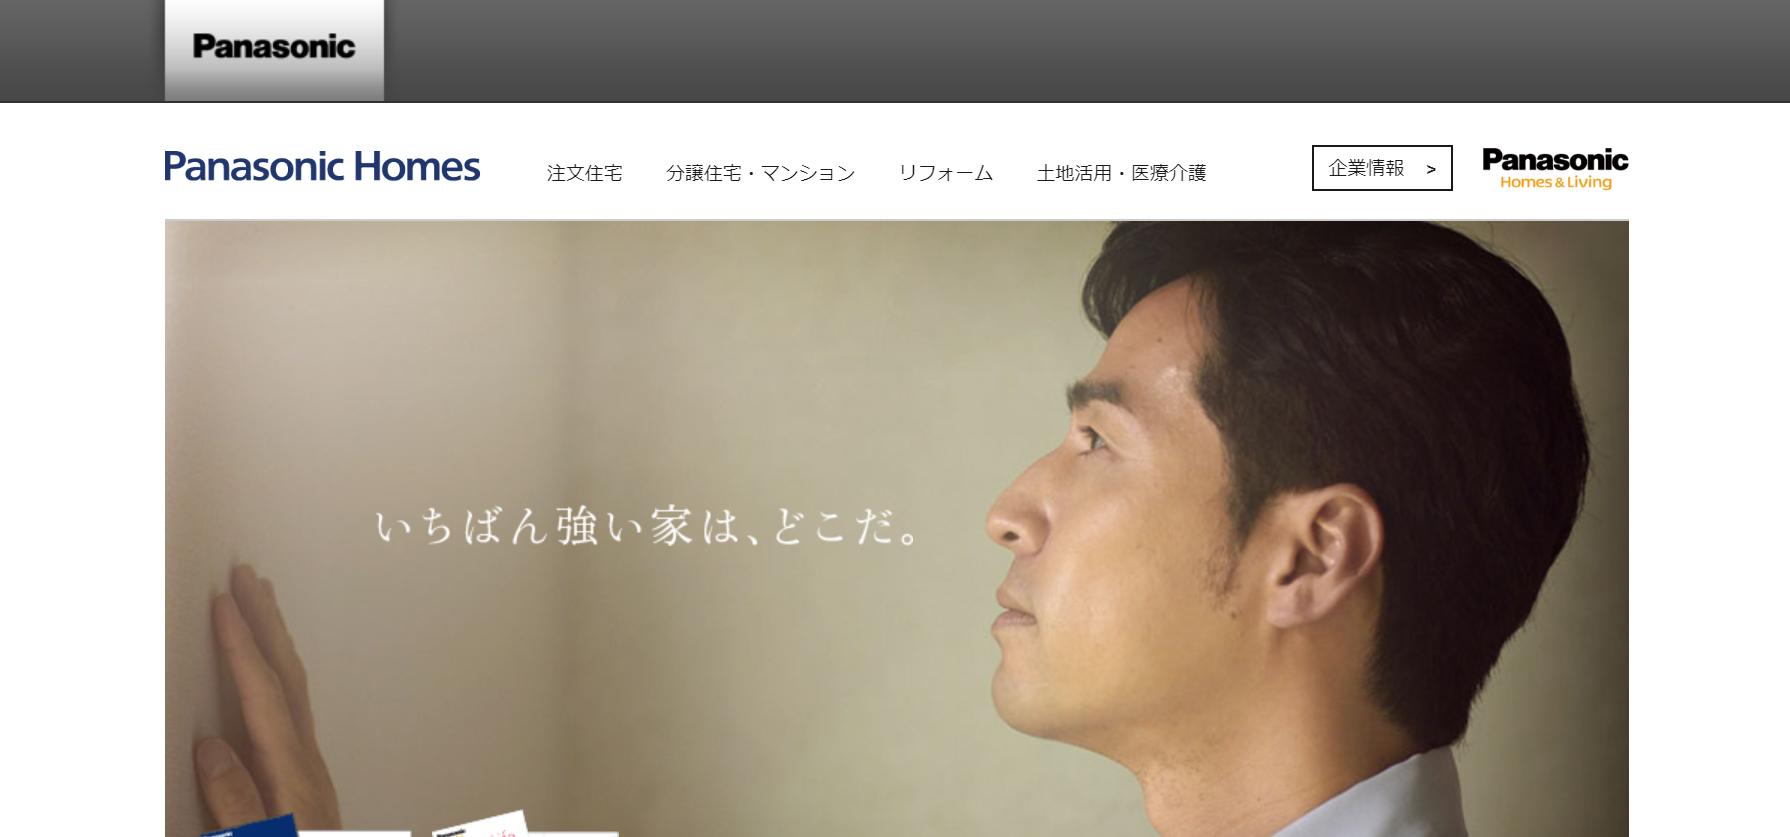 パナソニックホームズの評判・口コミ【長崎エリア】